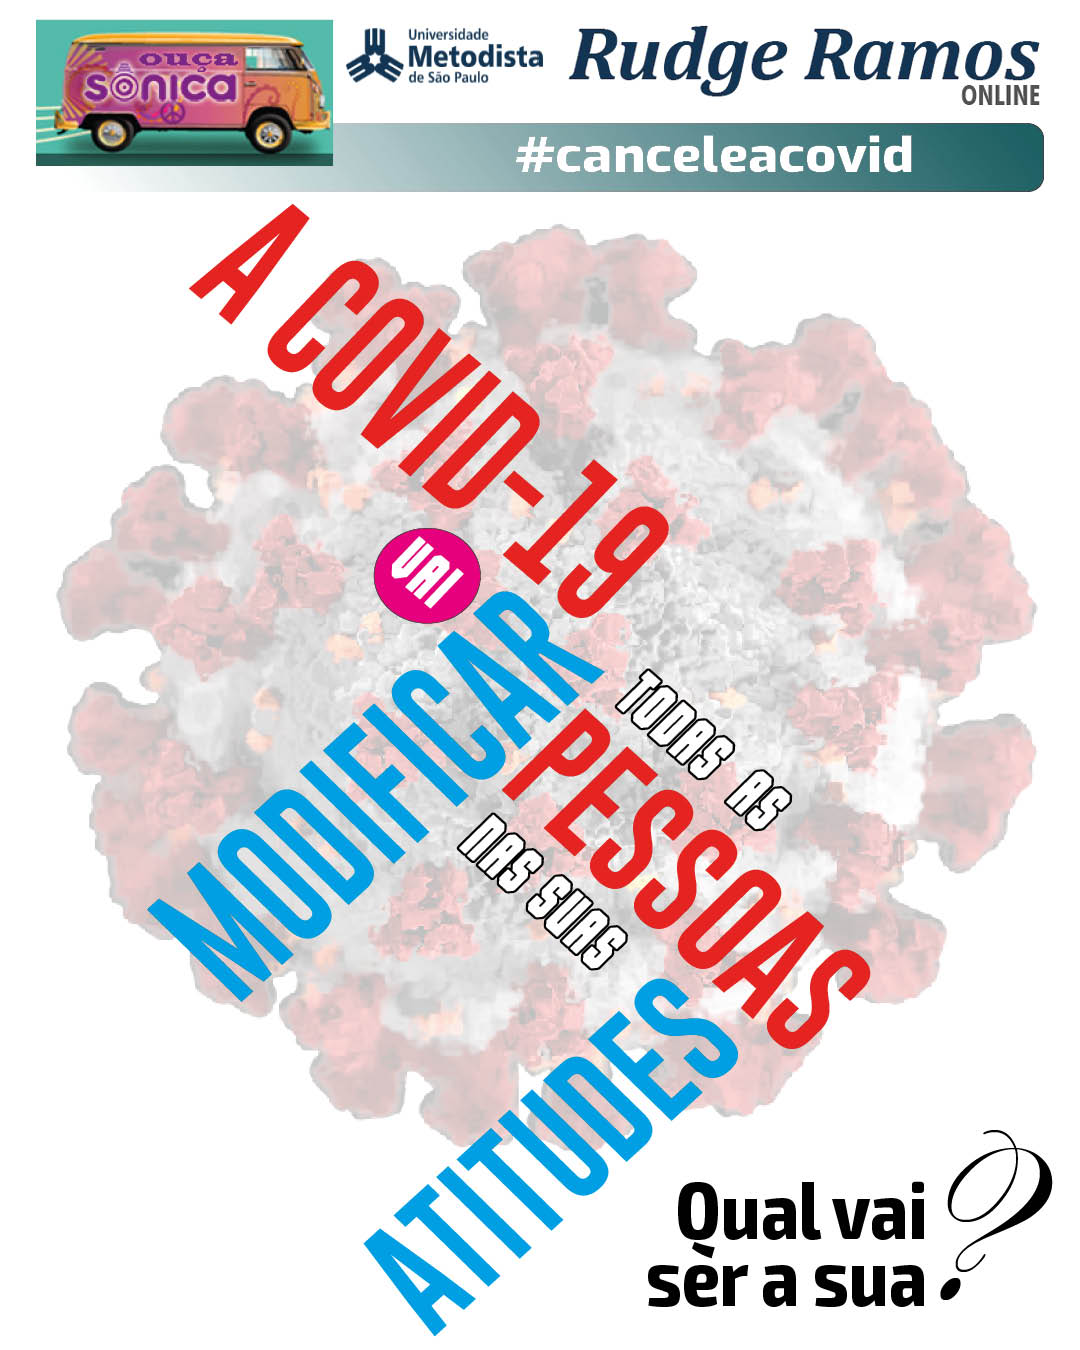 #canceleacovid